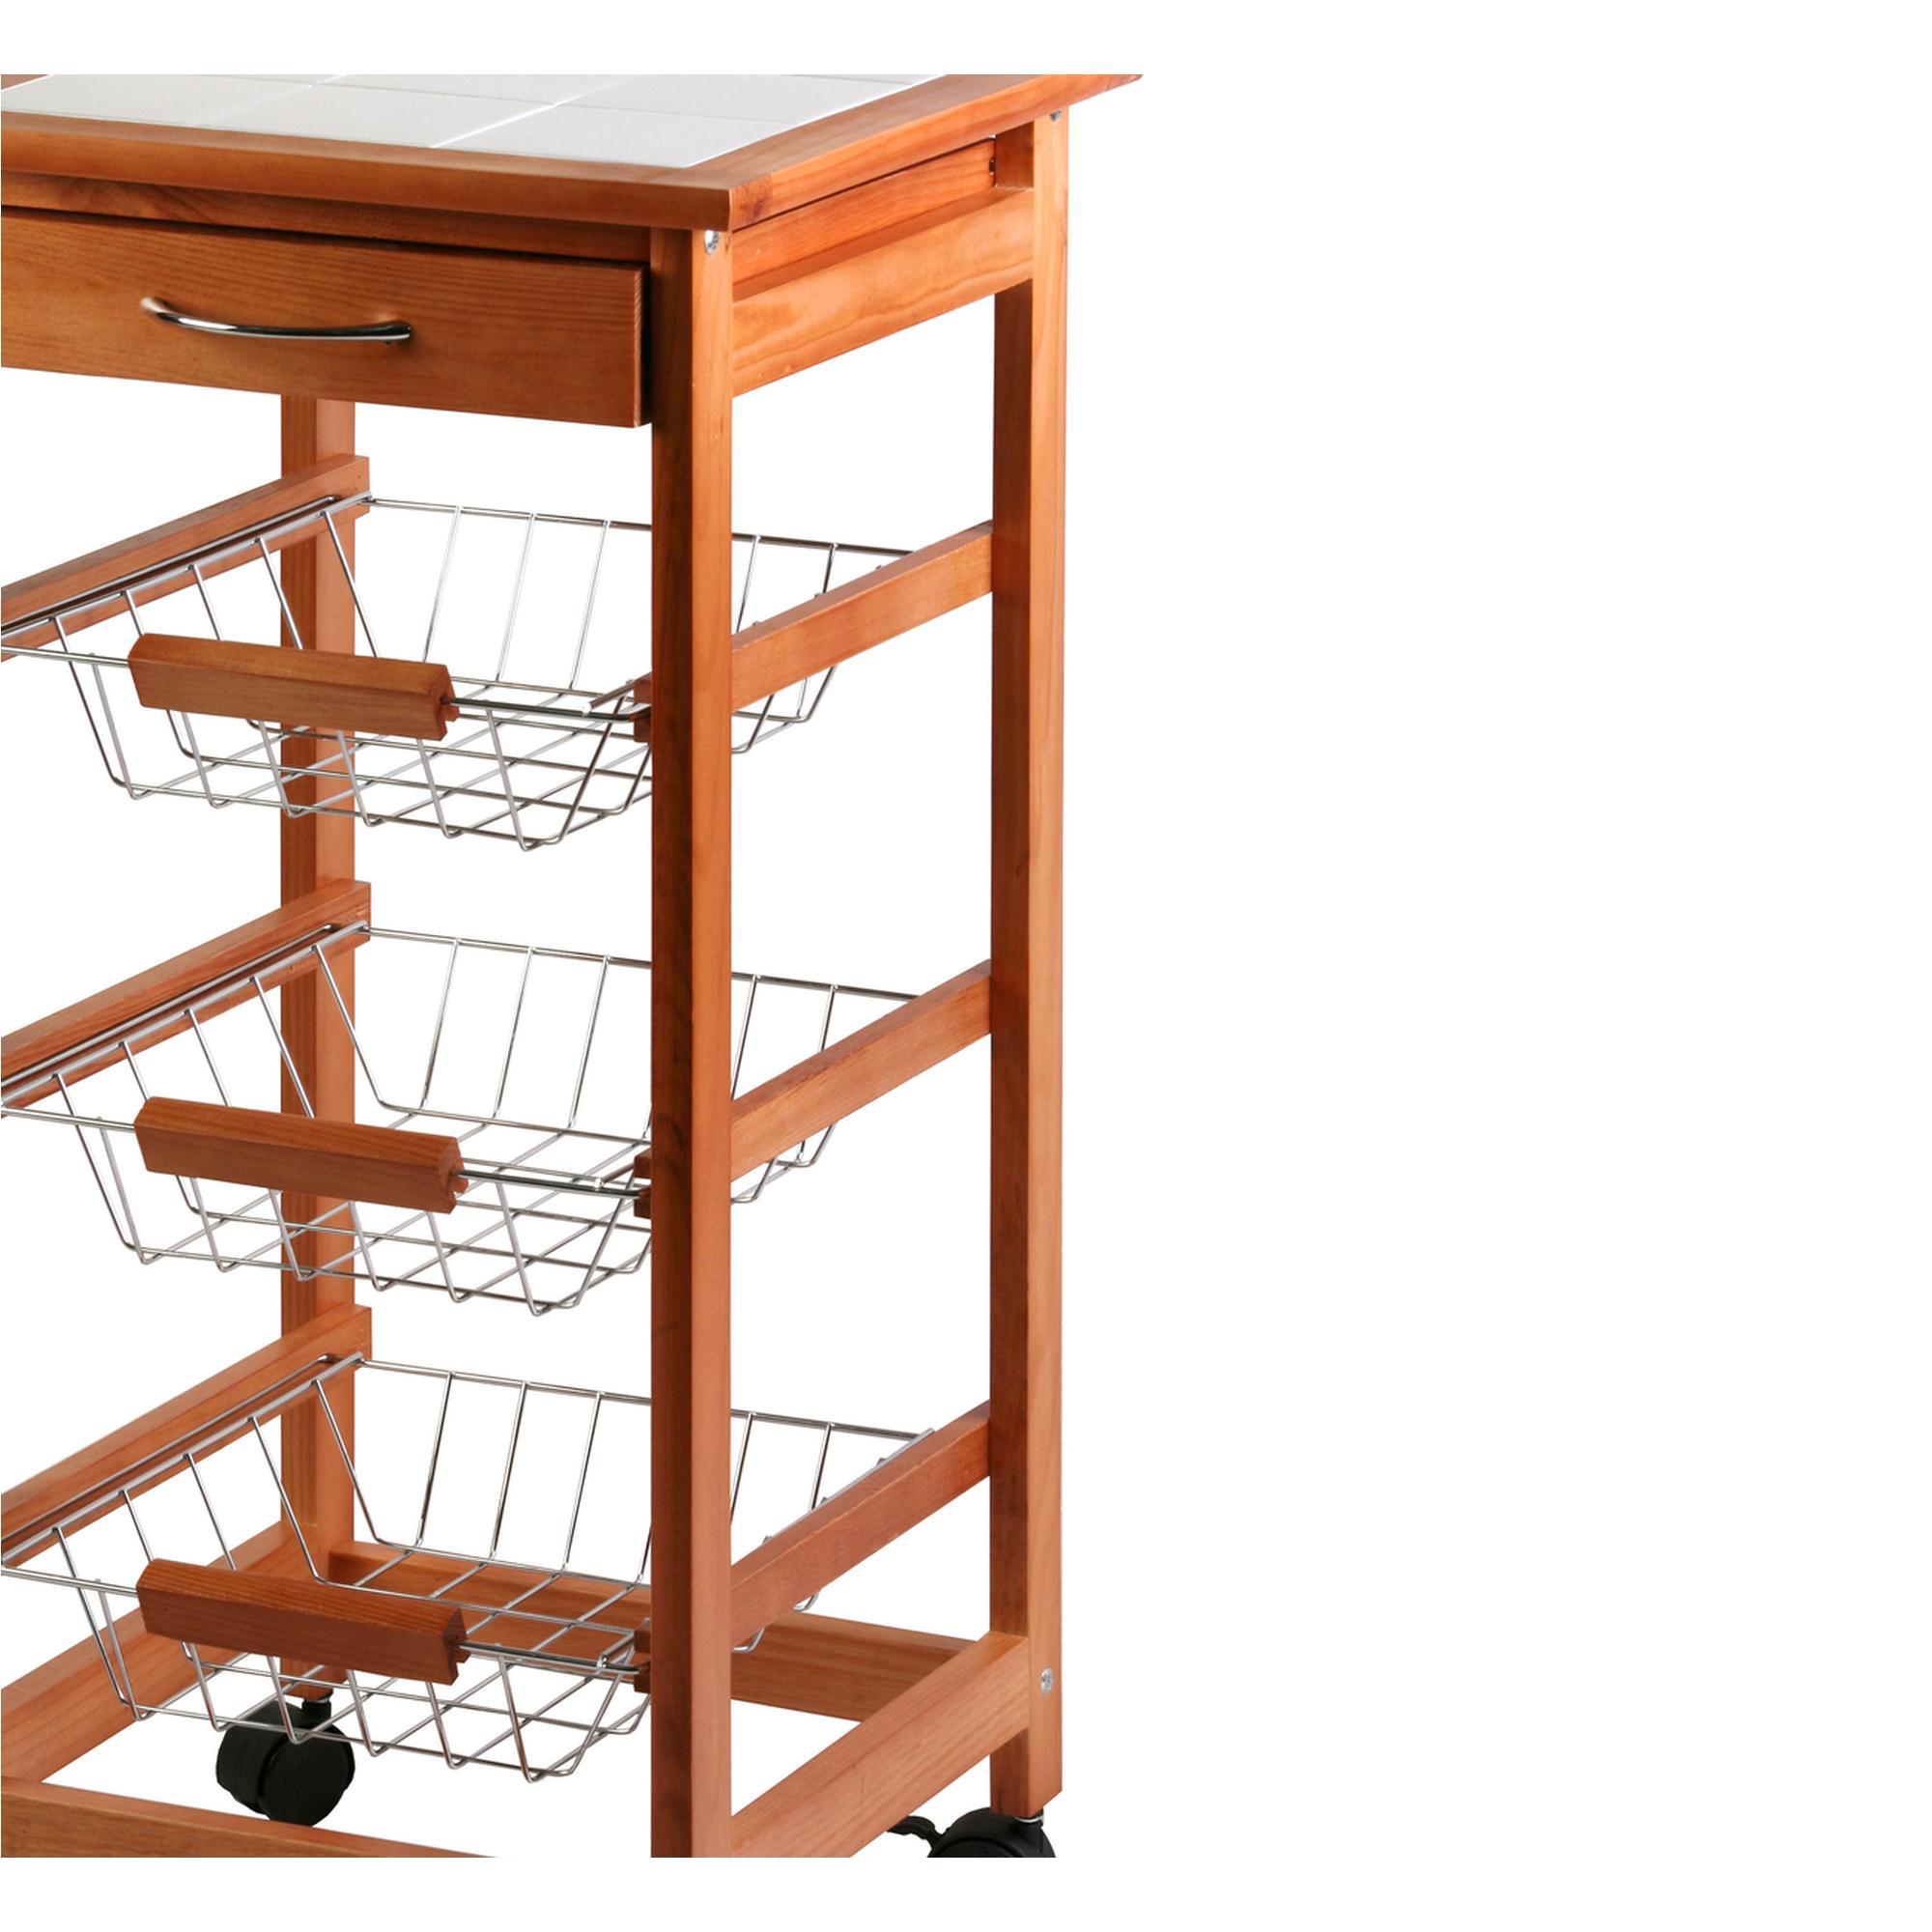 Carrello Da Cucina In Legno Di Faggio 37x37xh76 Cm Con Ruote Colore  #813919 2000 2000 Mobili Bassi Per Sala Da Pranzo